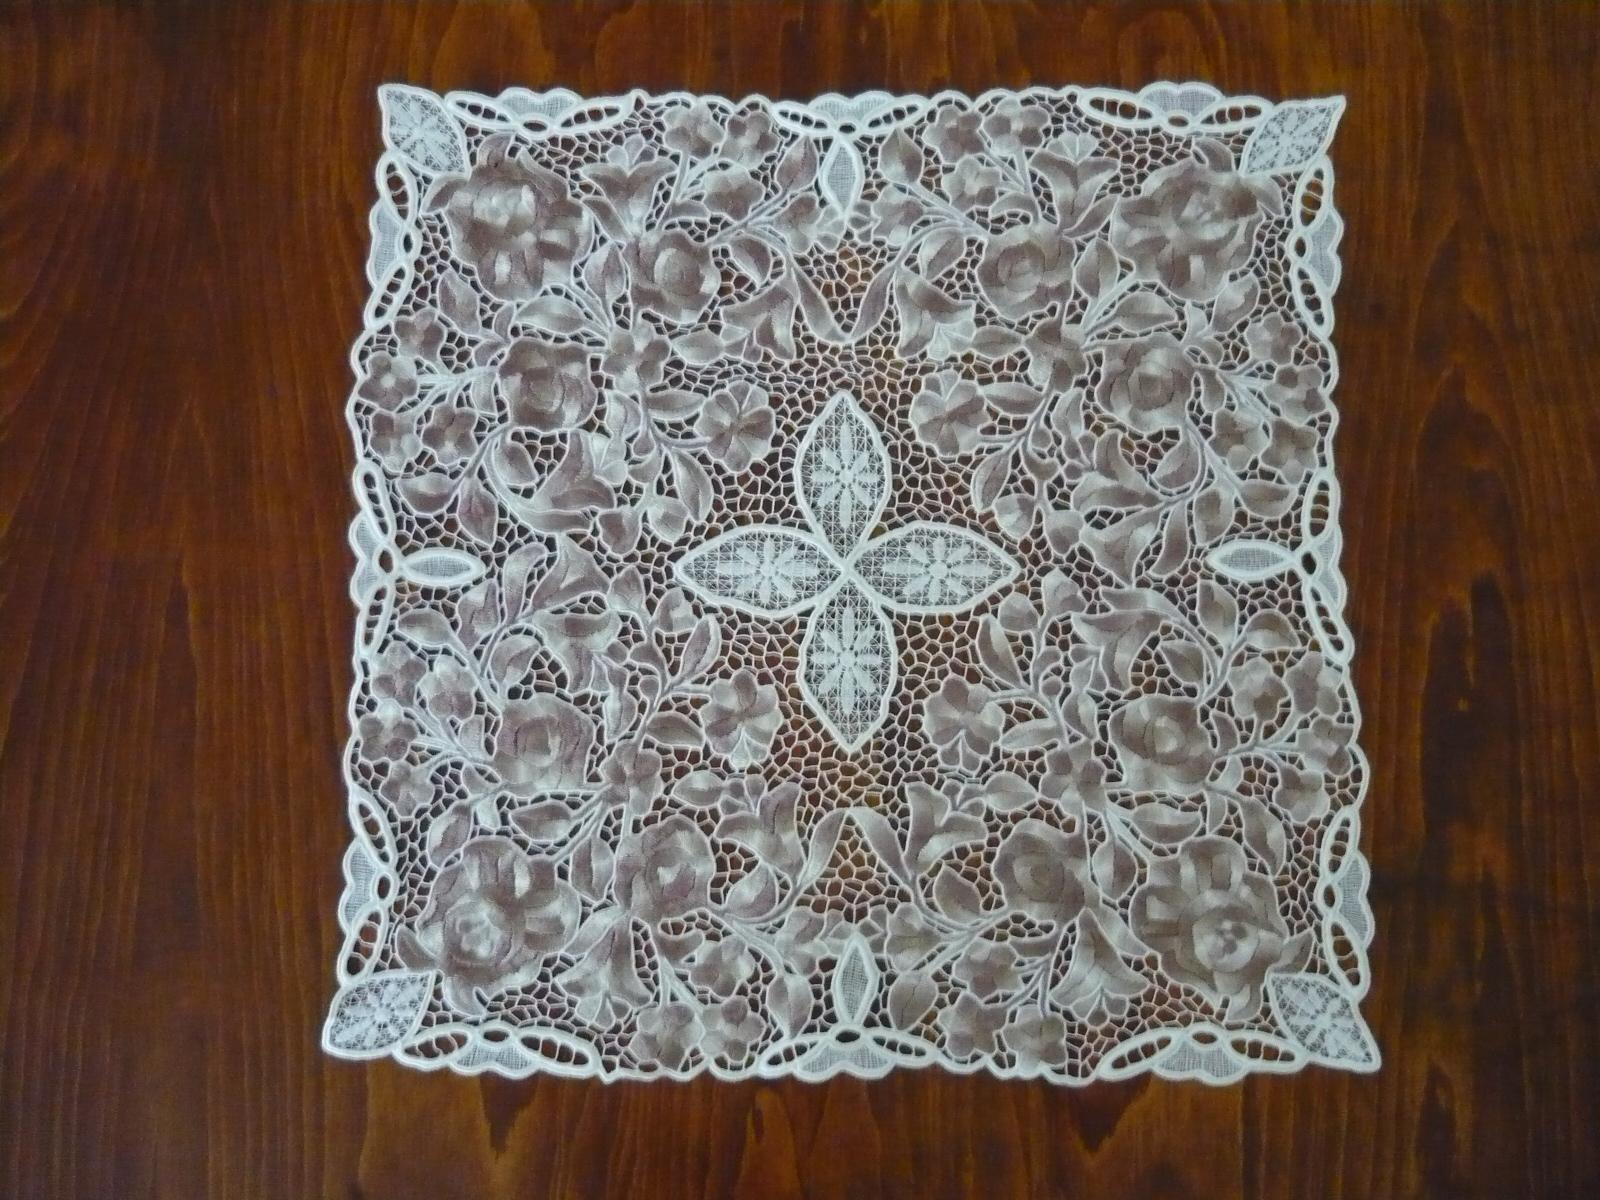 Riselt asztalközép kalocsai mintával 45 x 45 cm